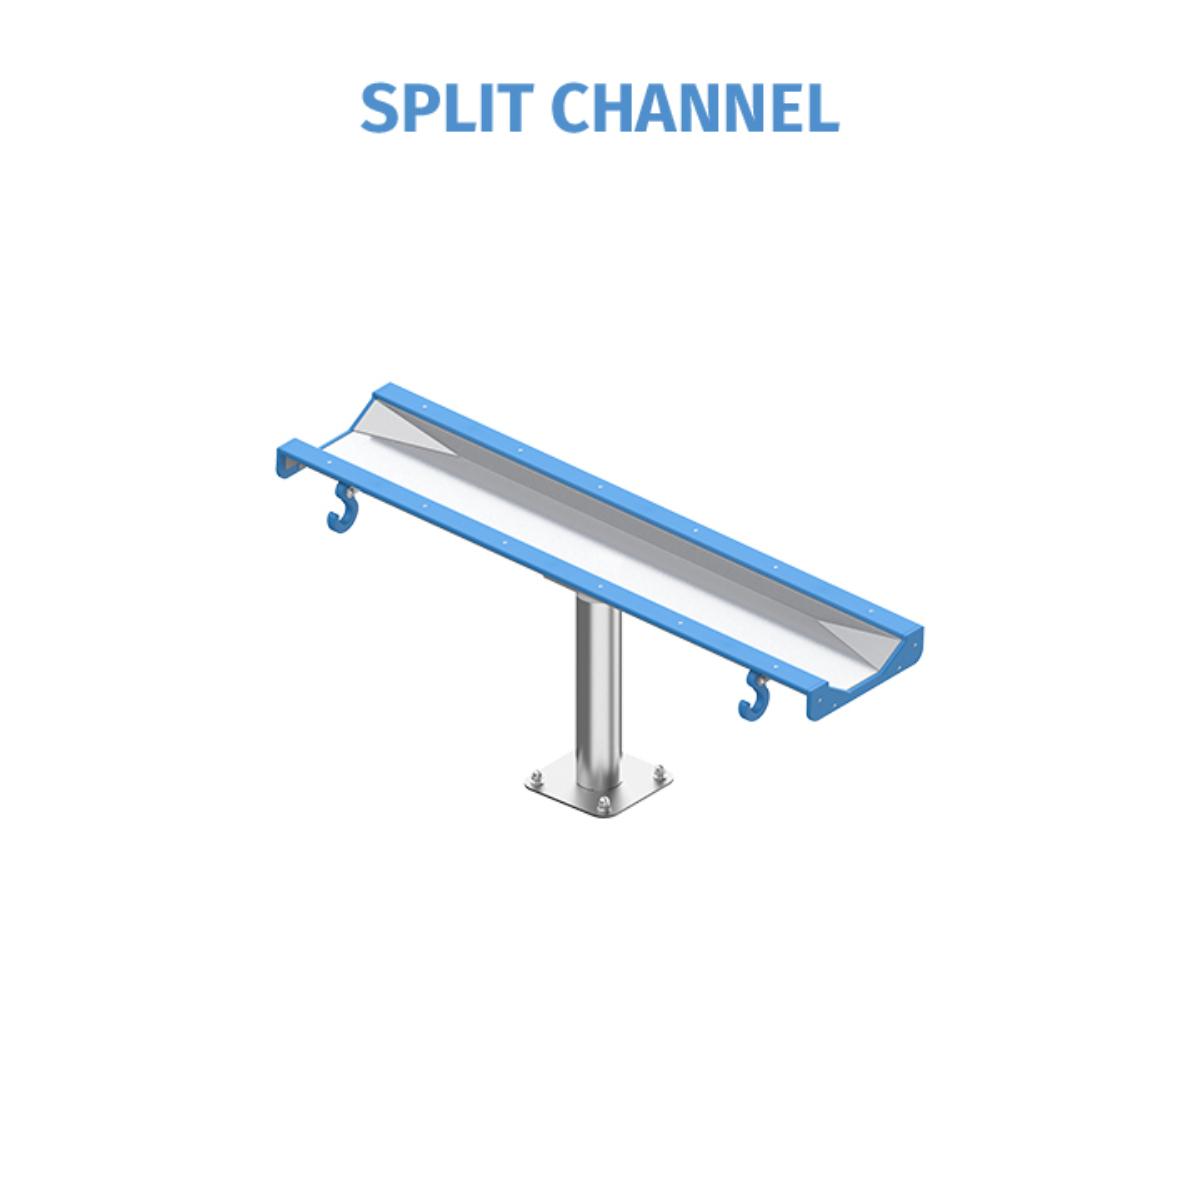 570 Split Channel